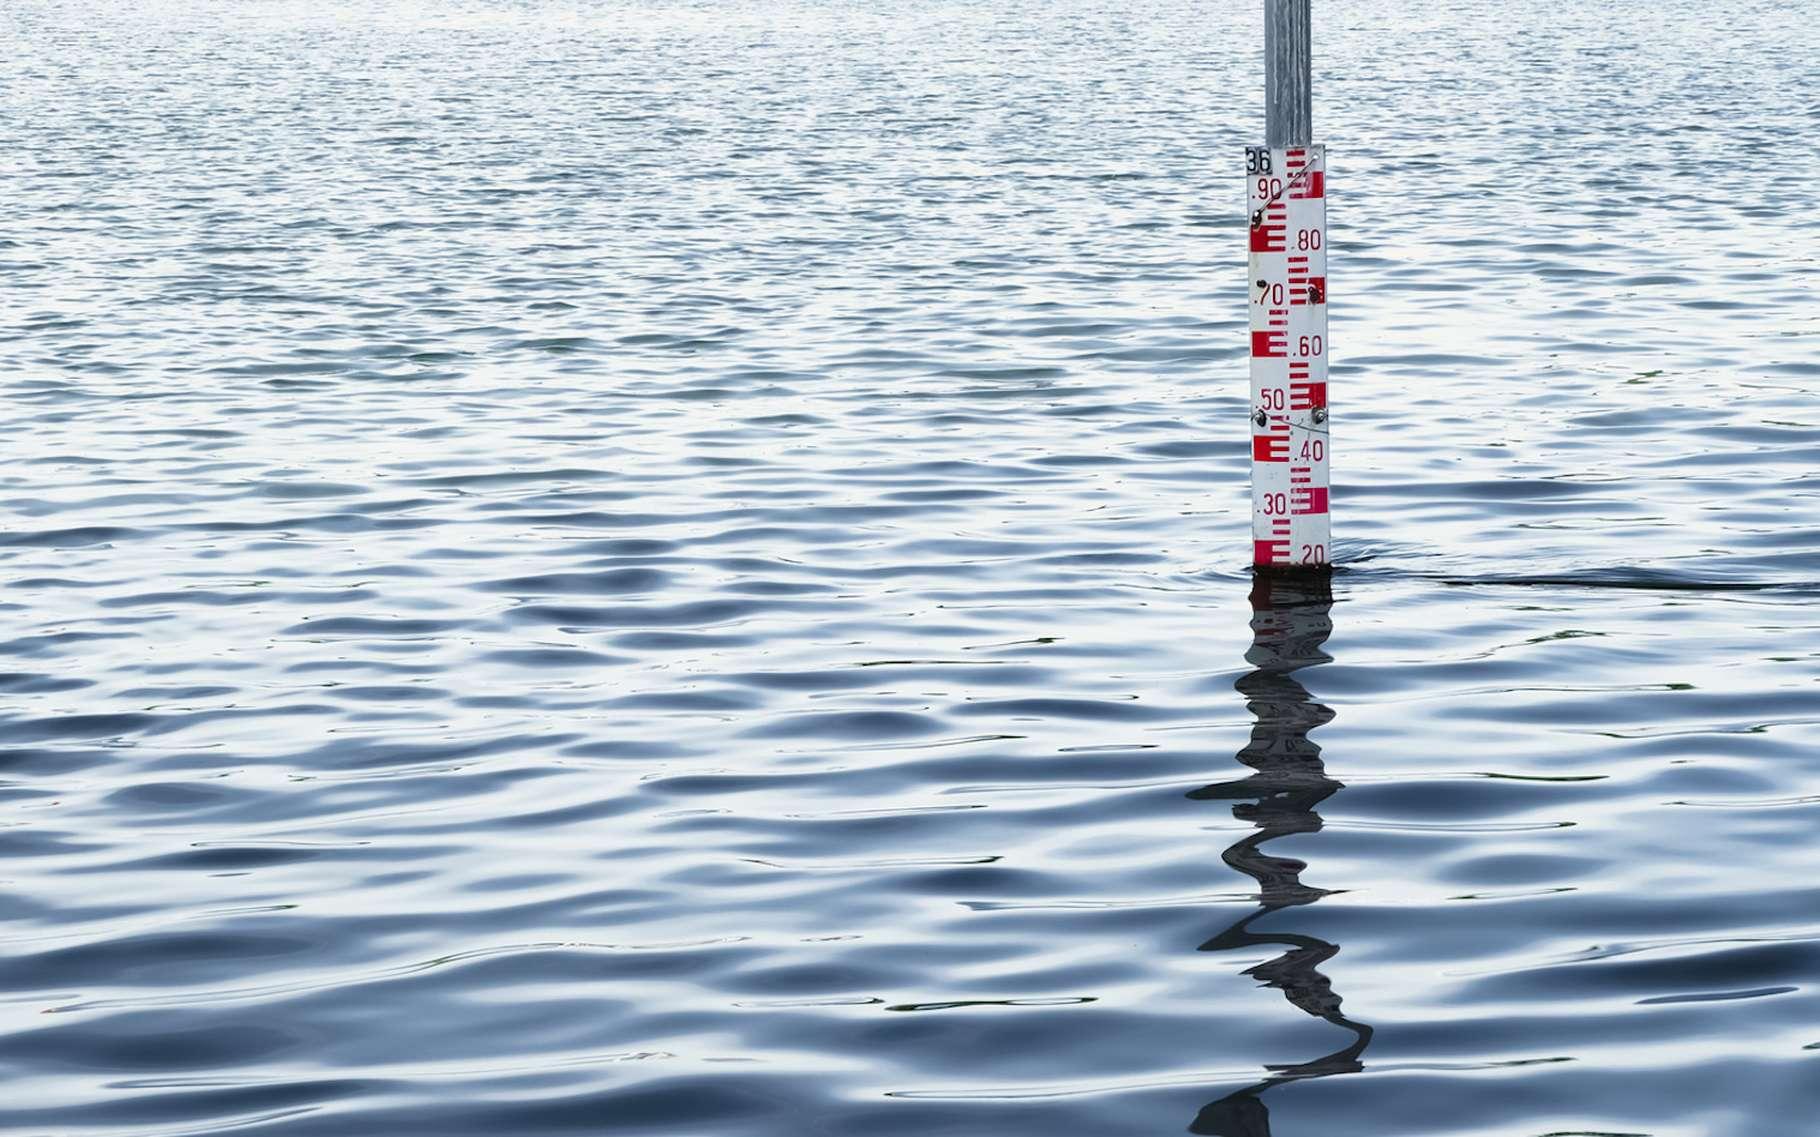 Les chercheurs pensaient que la hausse accélérée du niveau des océans datait dans années 1990. Une nouvelle étude situe plutôt son début aux années 1960. © Win Nondakowit, Fotolia